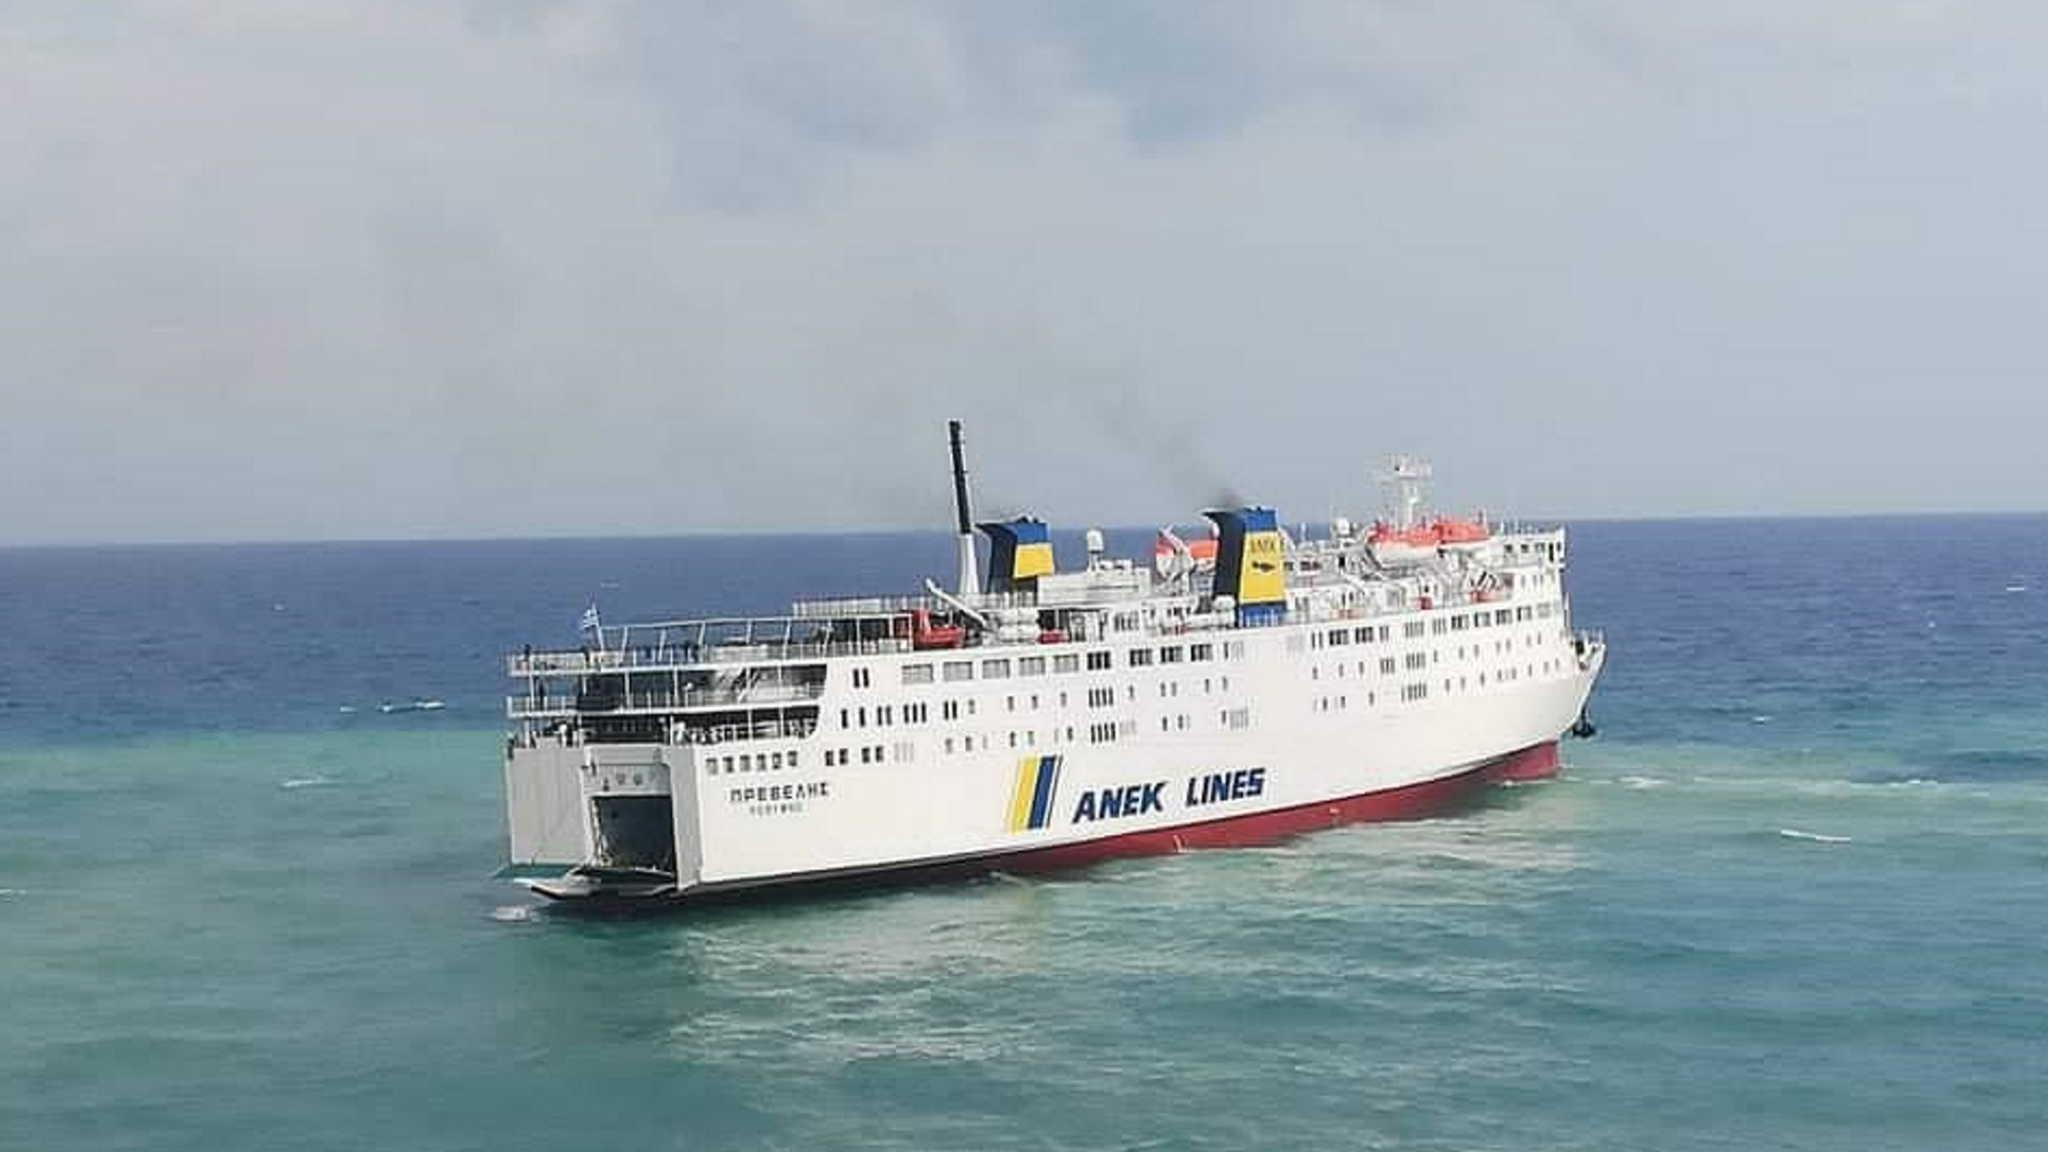 Σαντορίνη: Προσέκρουσε στο λιμάνι το πλοίο «Πρέβελης»